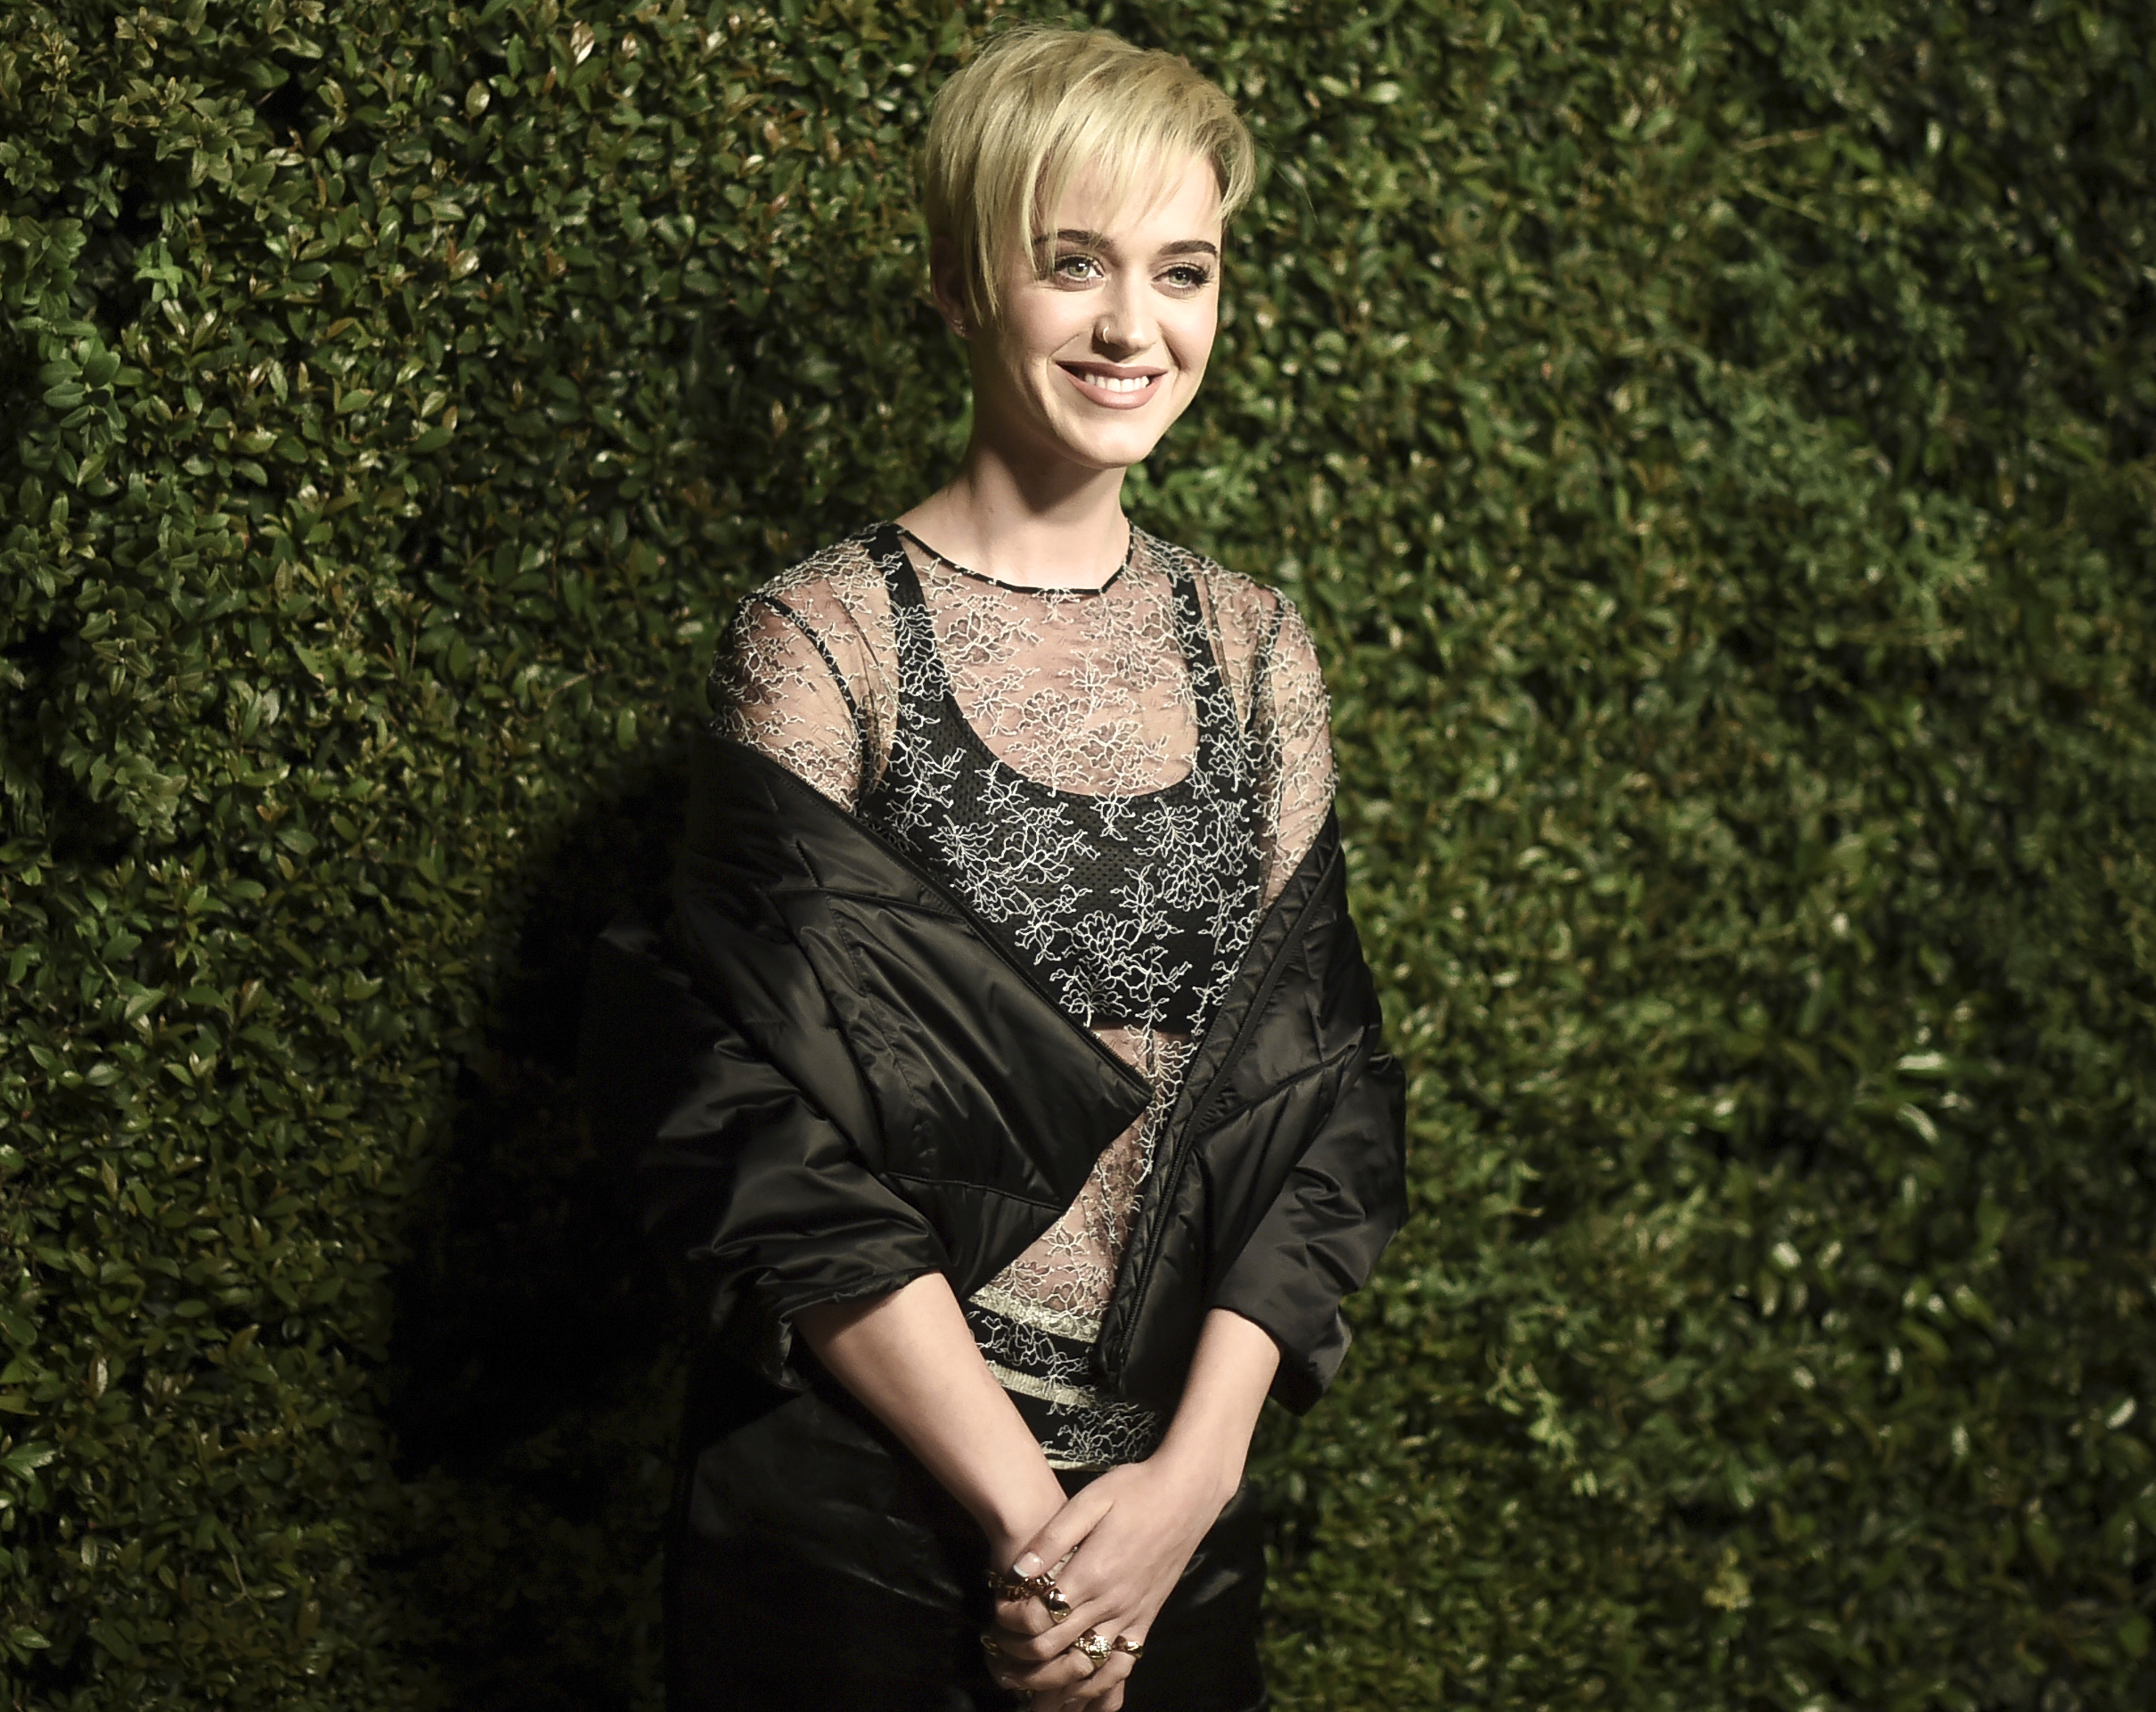 """Su """"look""""más reciente: rubia y con el  pelo corto. En la foto, la cantante  anoche a su llegada a una cena de la línea Chanel en California. (Richard Shotwell/Invision/AP)"""